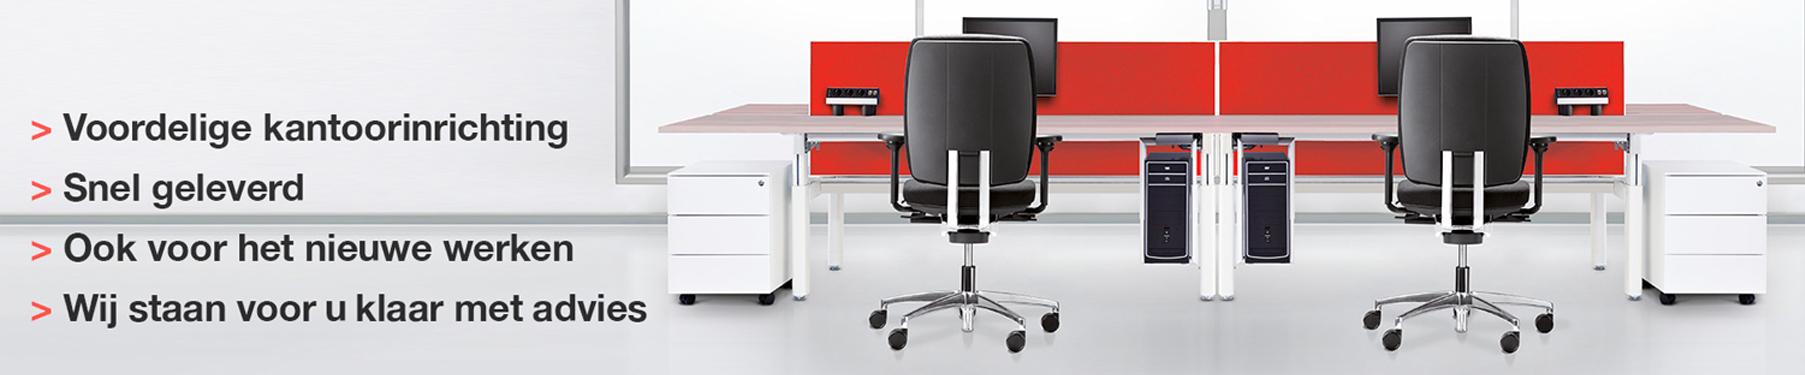 Online kantoormeubelen bestellen. Voordelige kantoormeubelen, snel geleverd. Vanaf € 500,00 gratis geleverd en gemonteerd.